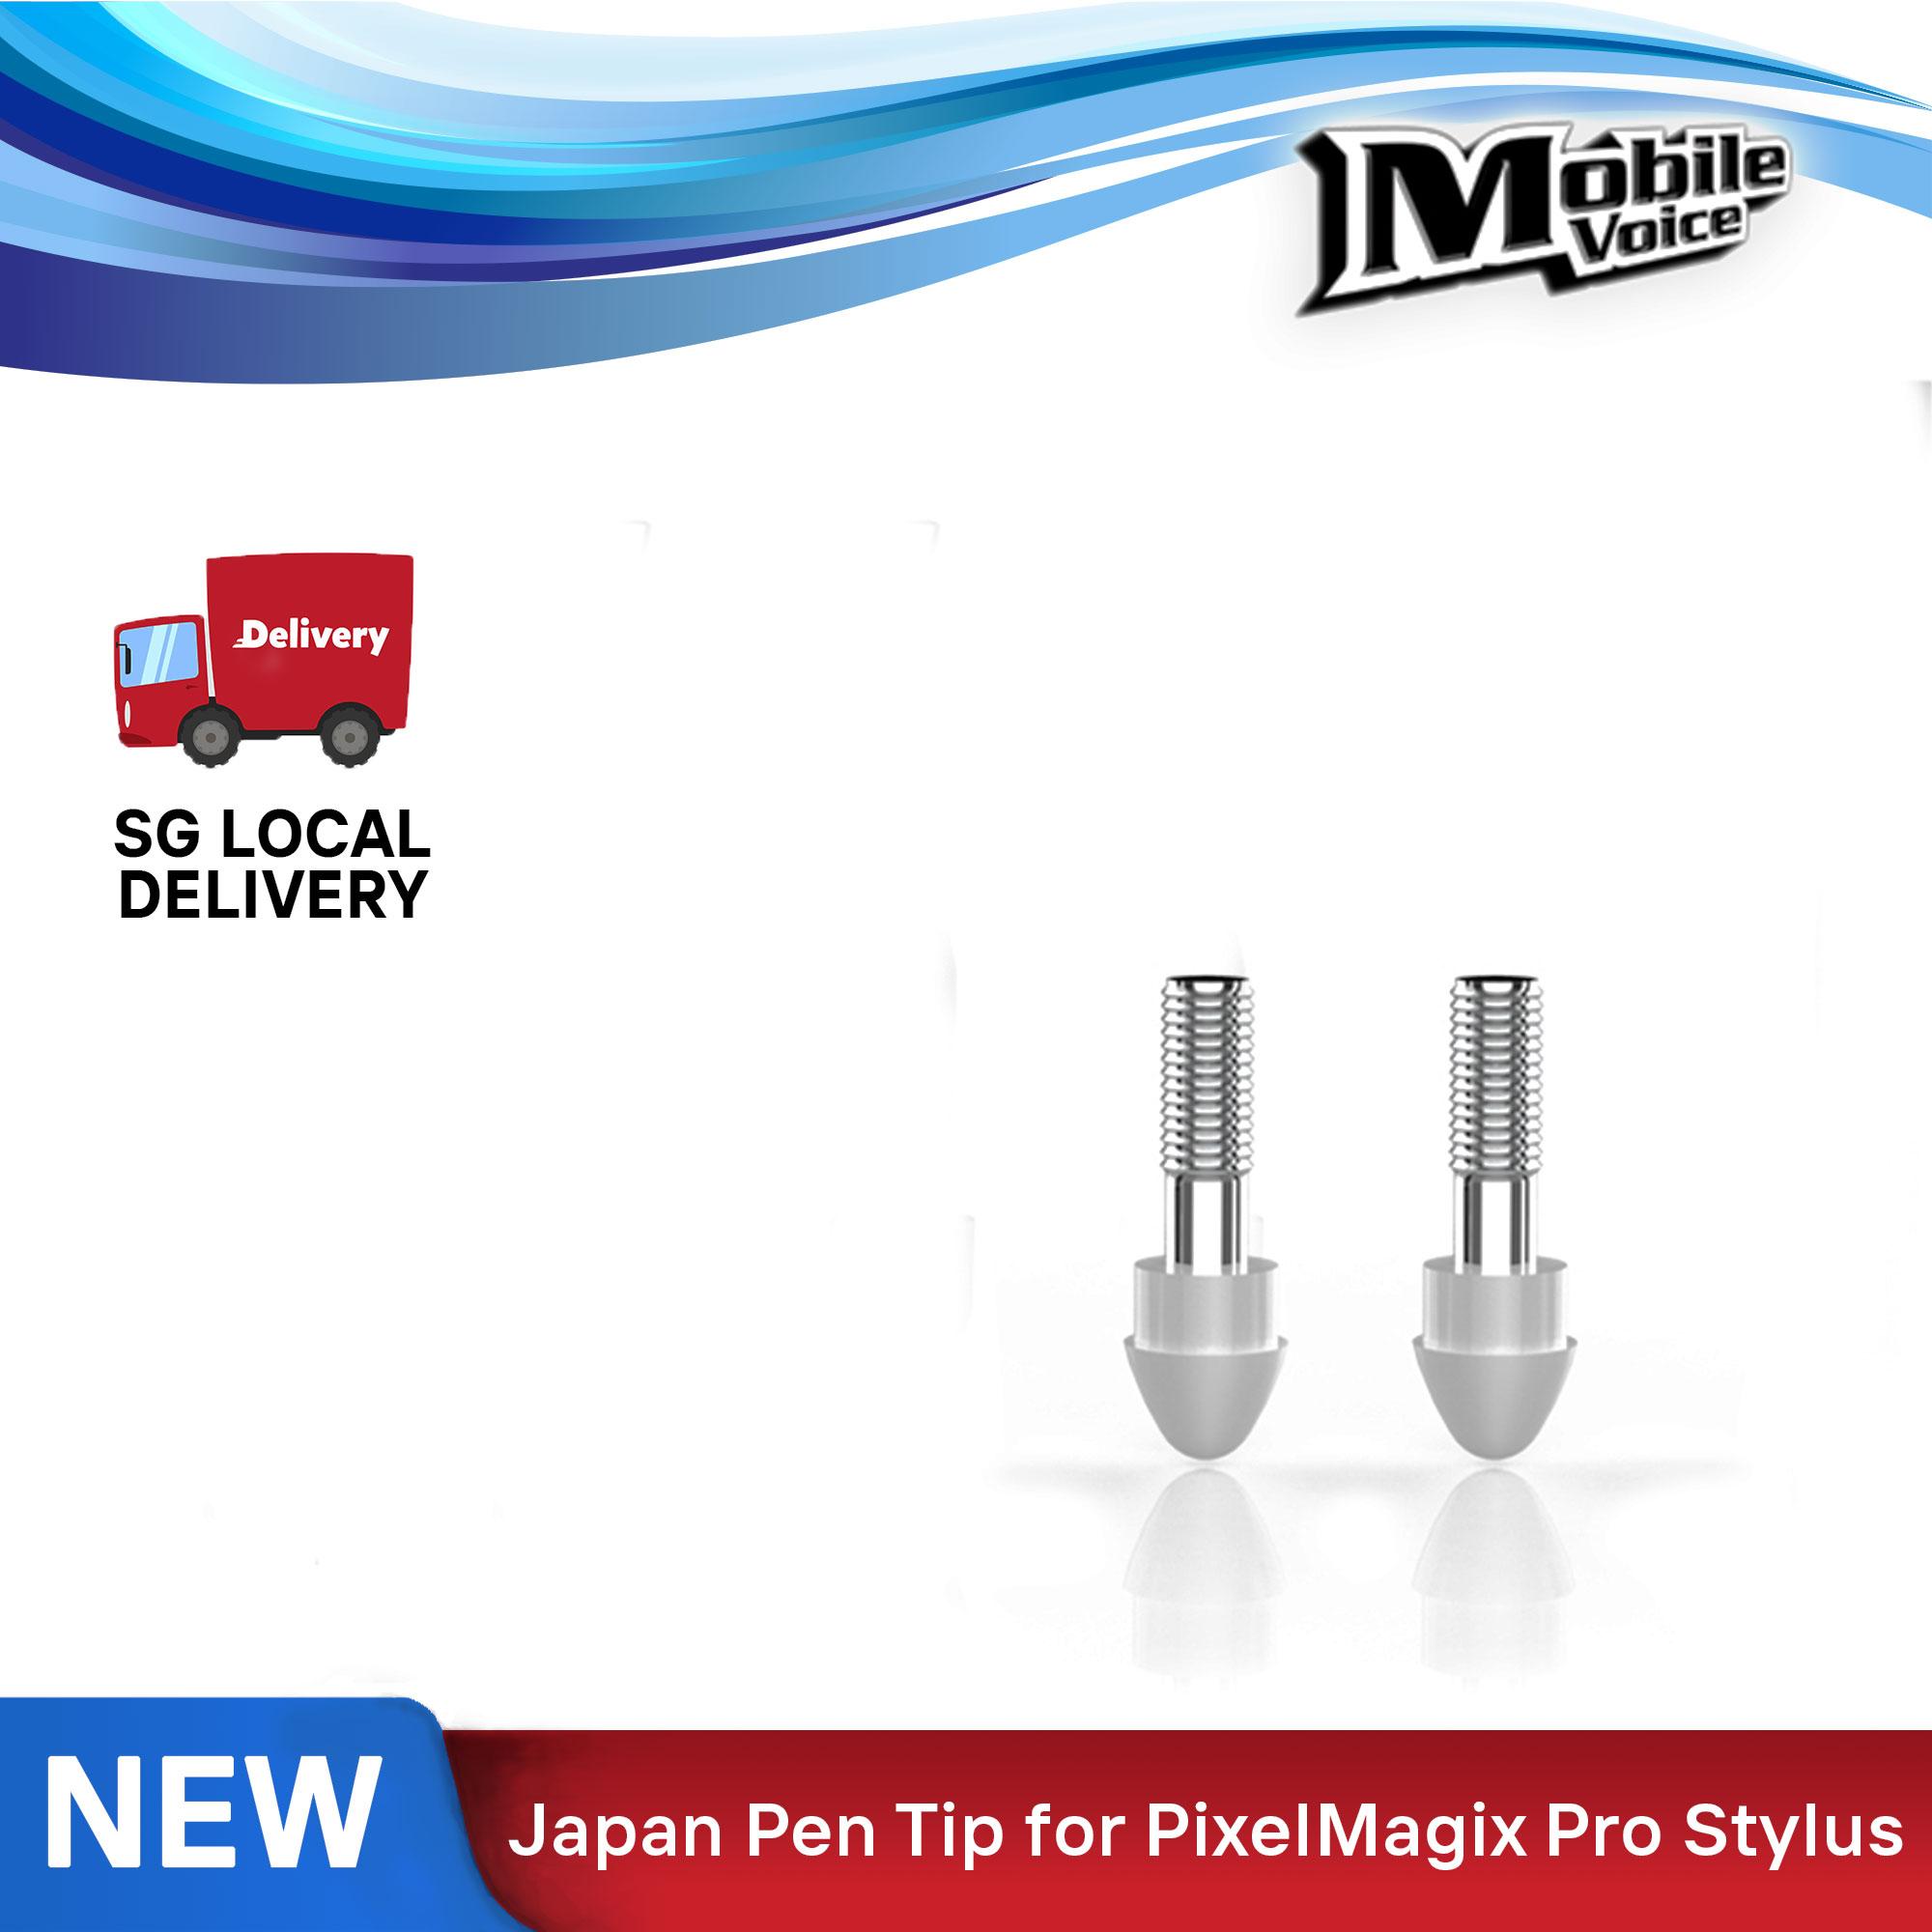 2 Pcs Replacement Japan Stylus Pen Tip For Pixelmagix Pro Palm Rejection Stylus.